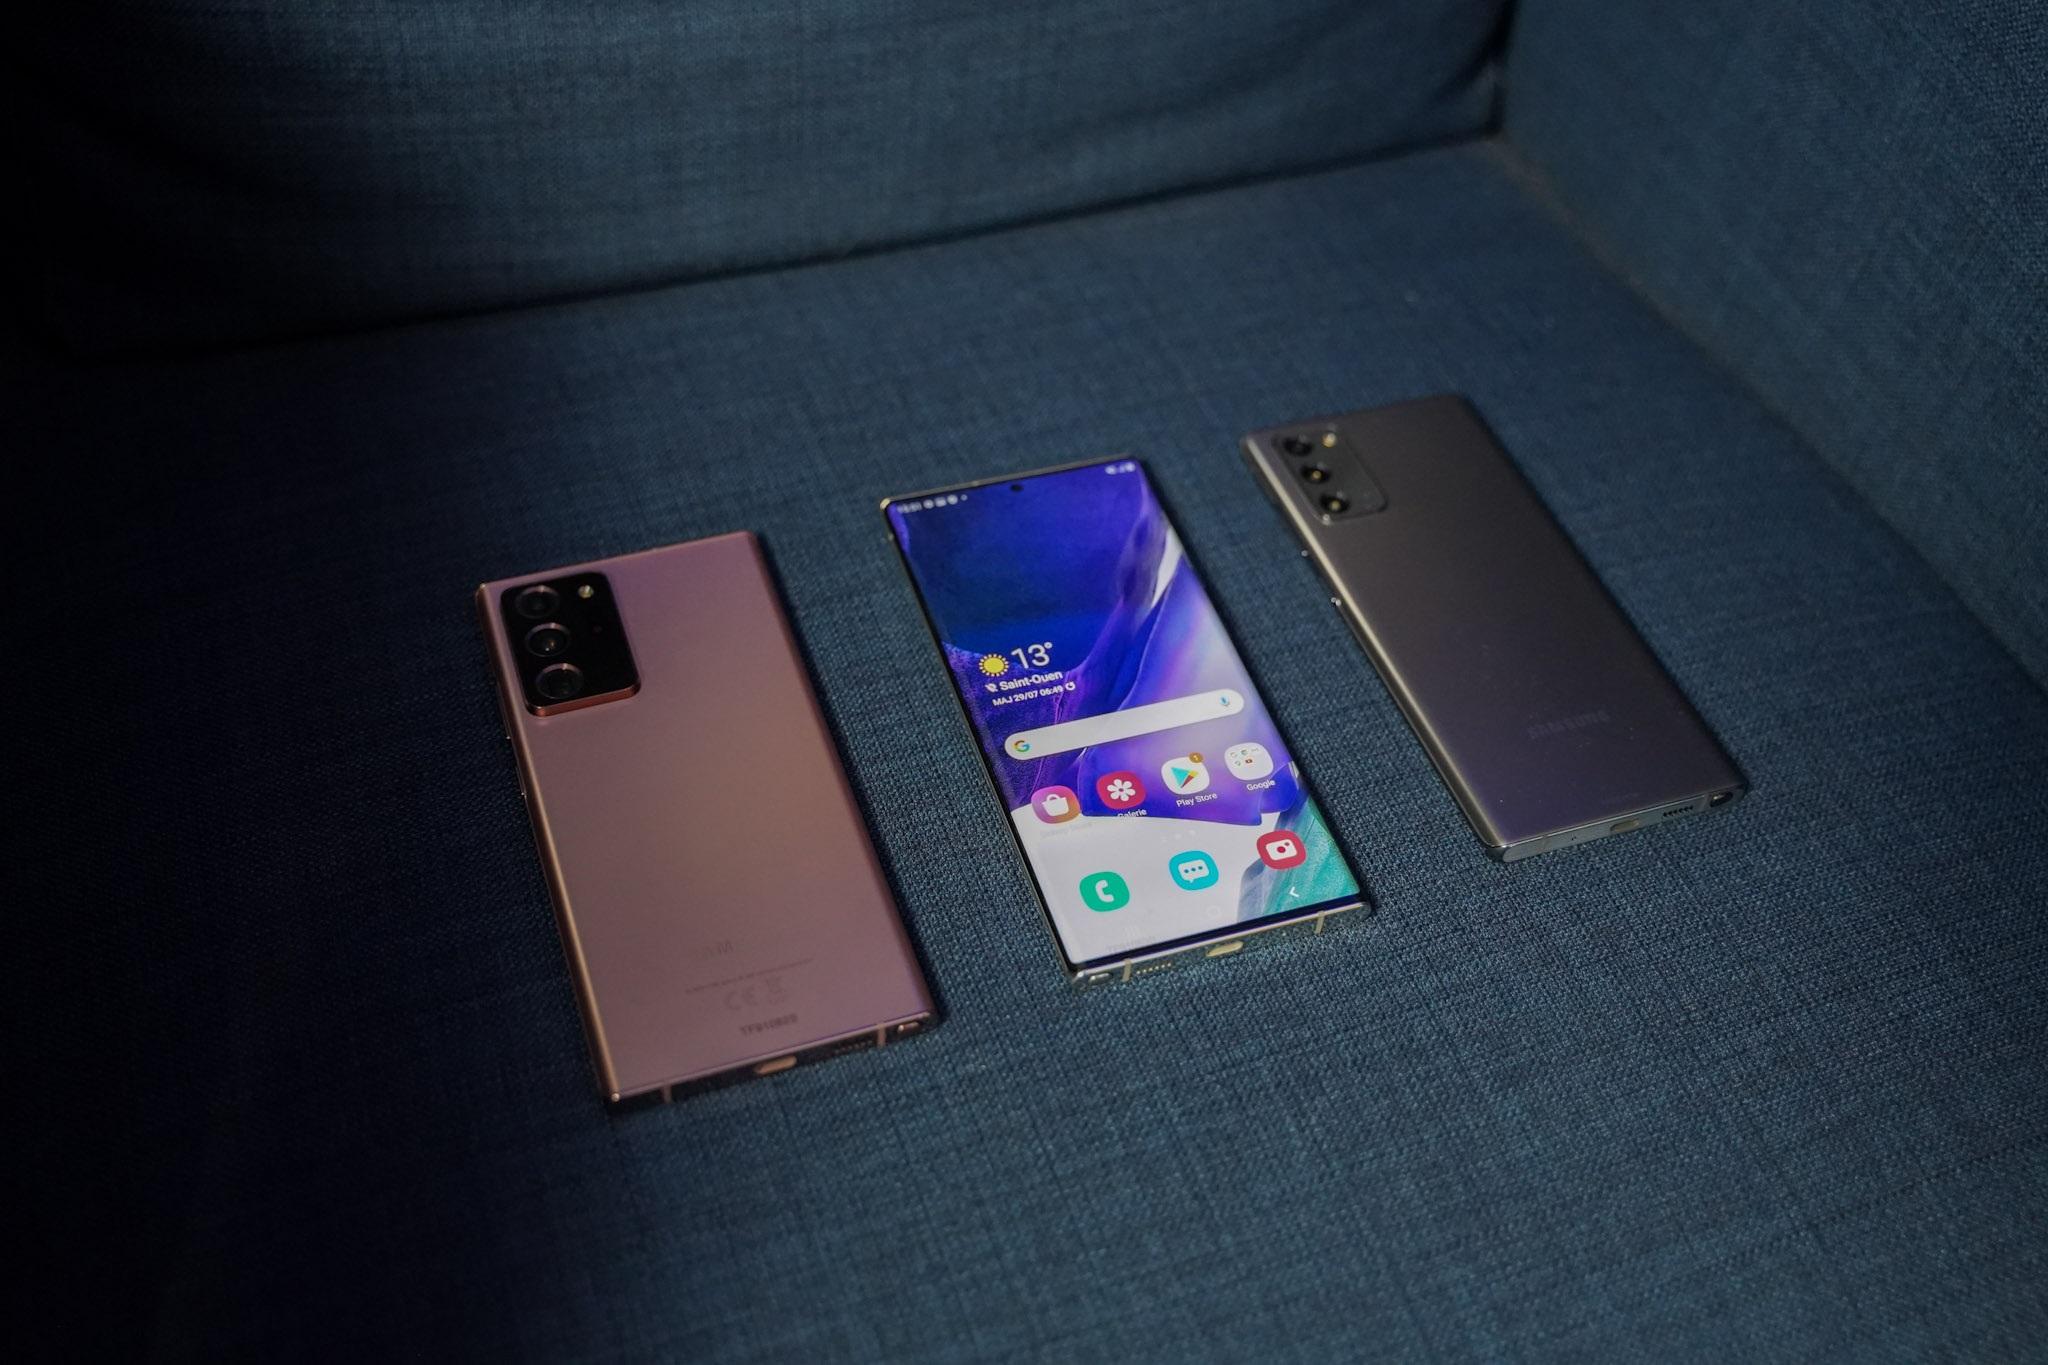 L'écran incurvé du Galaxy Note 20 Ultra au milieu.